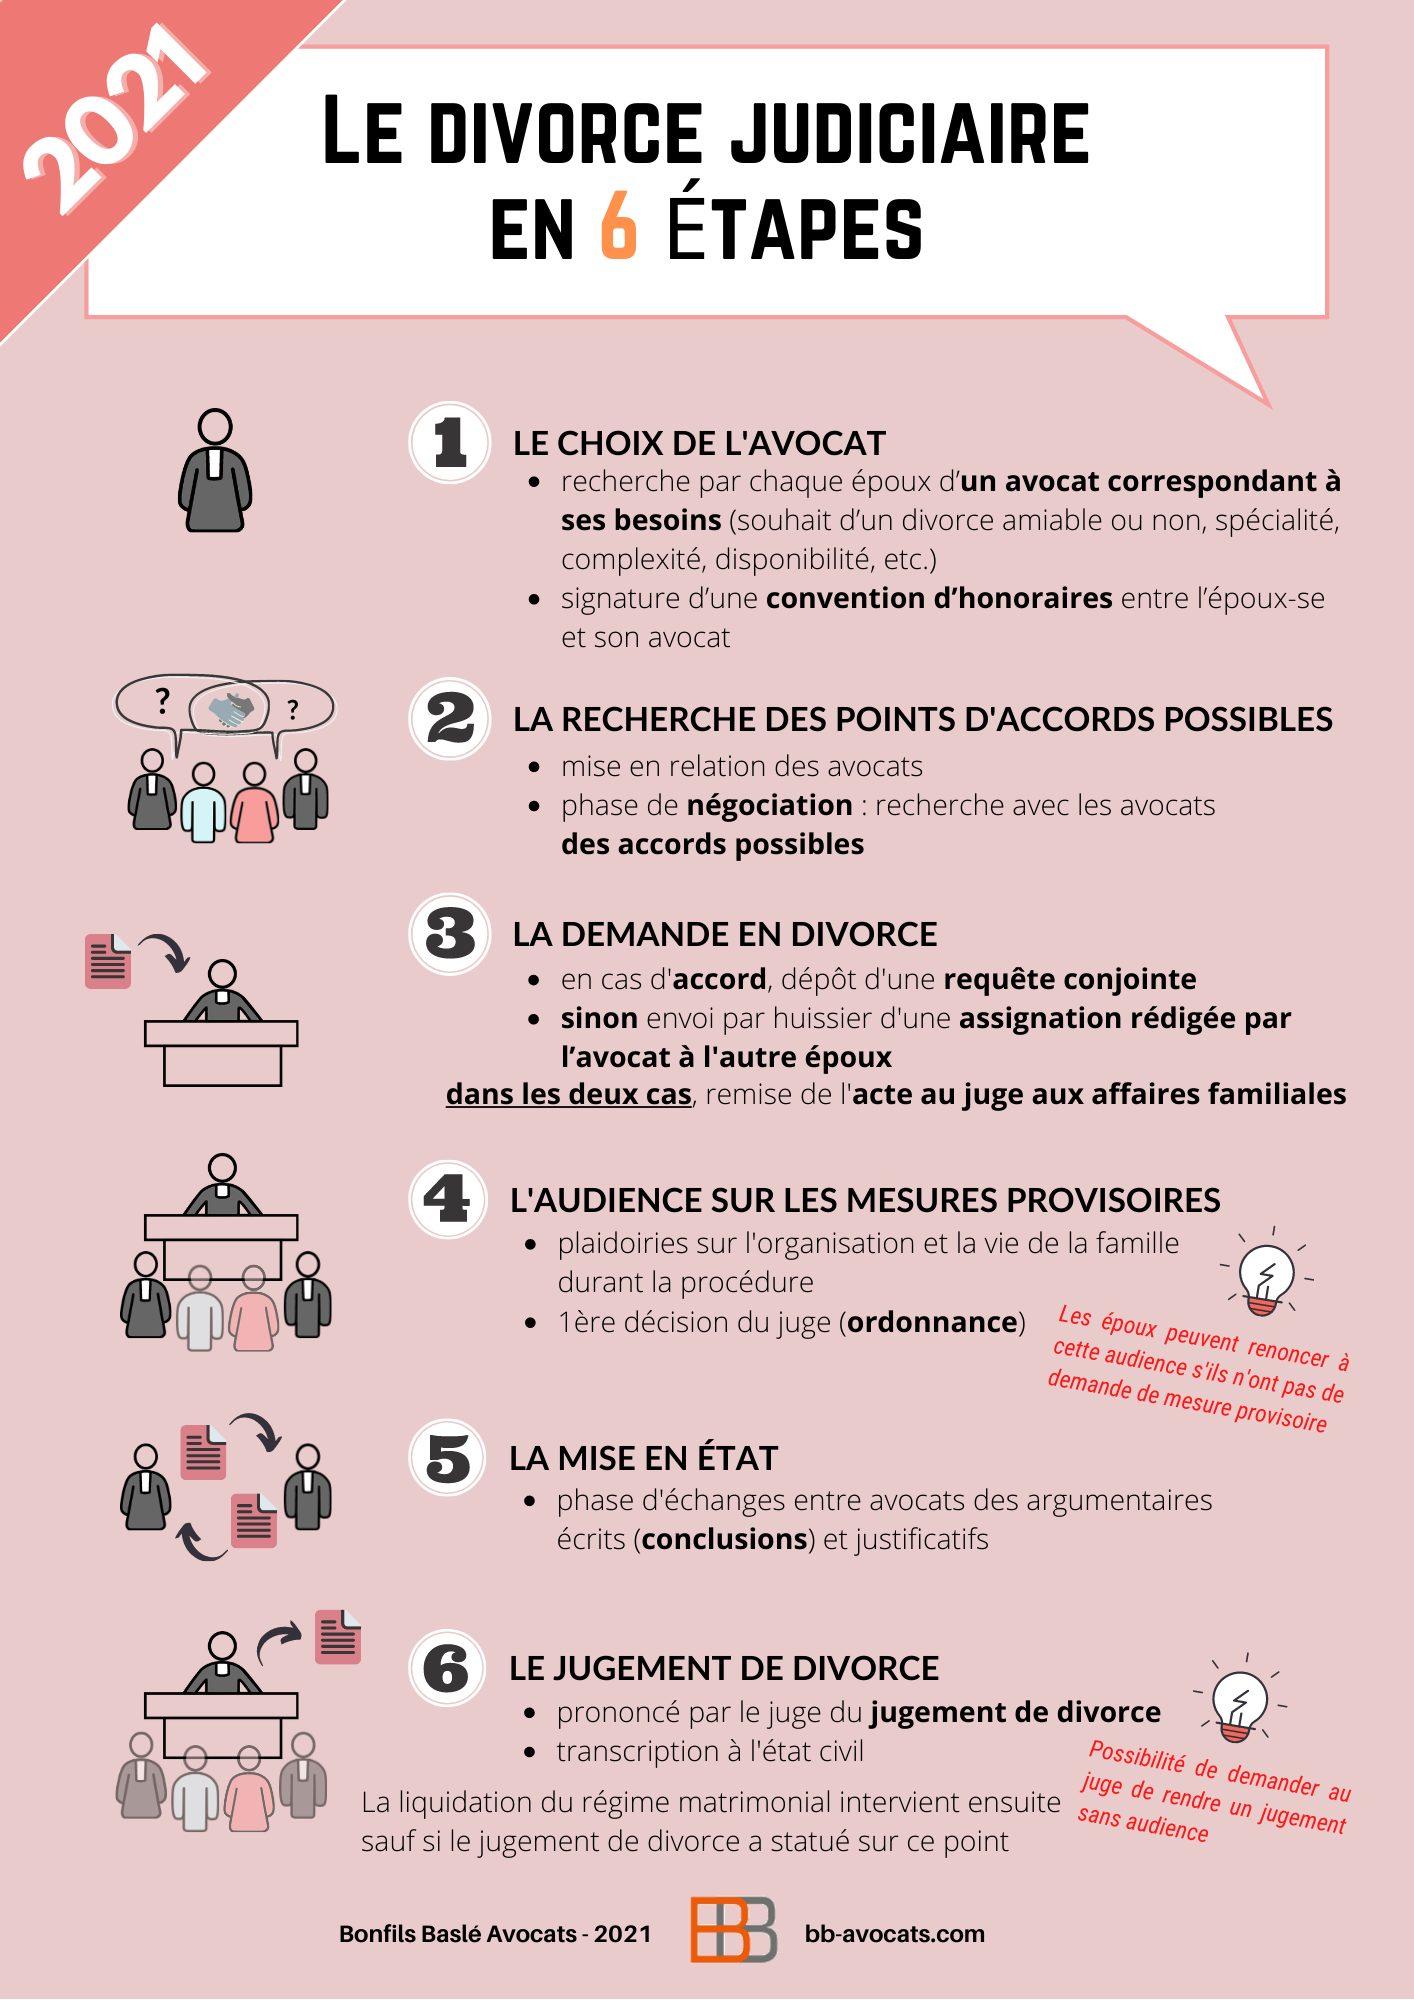 Infographie - Le nouveau divorce judiciaire en 6 étapes - 1er Janvier 2021